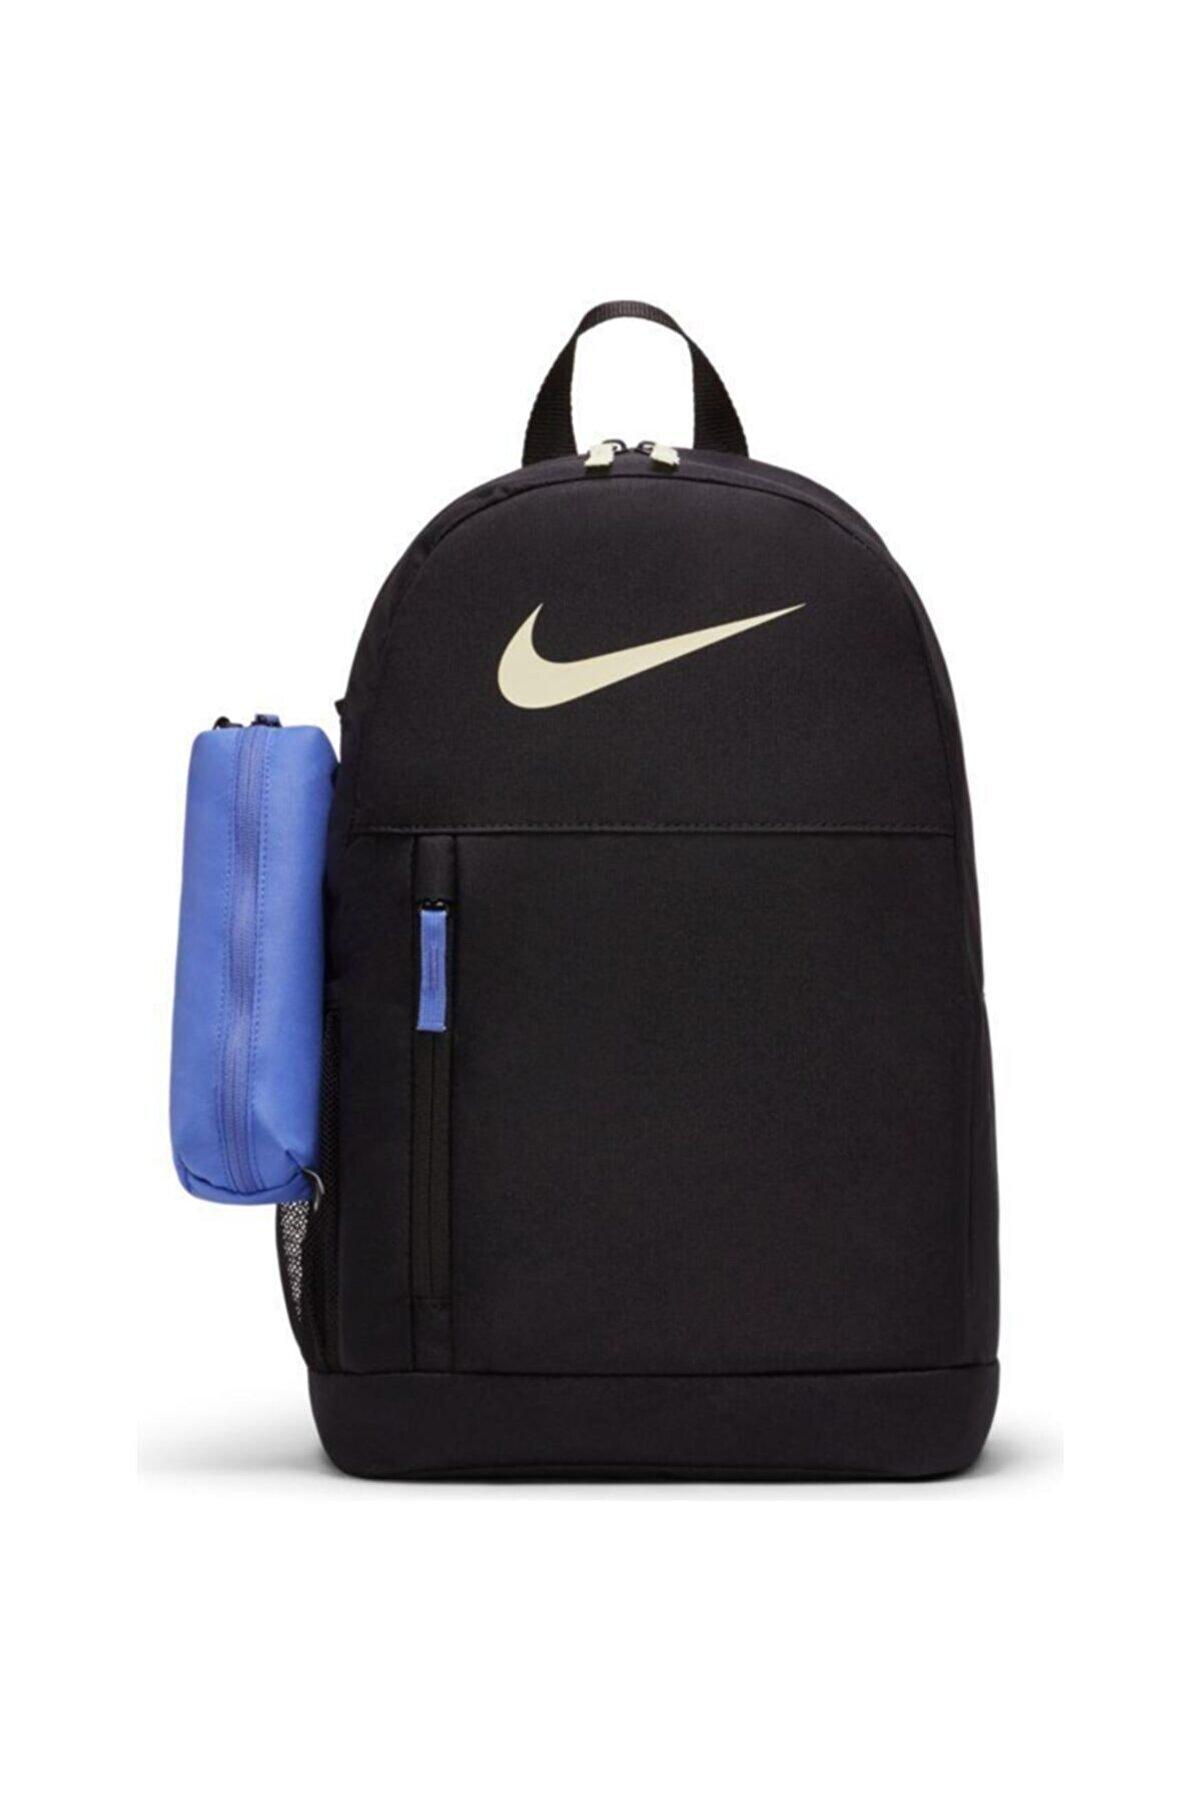 Nike Youth Elemental Backpack Black Black Lime Ice Ba6603-011